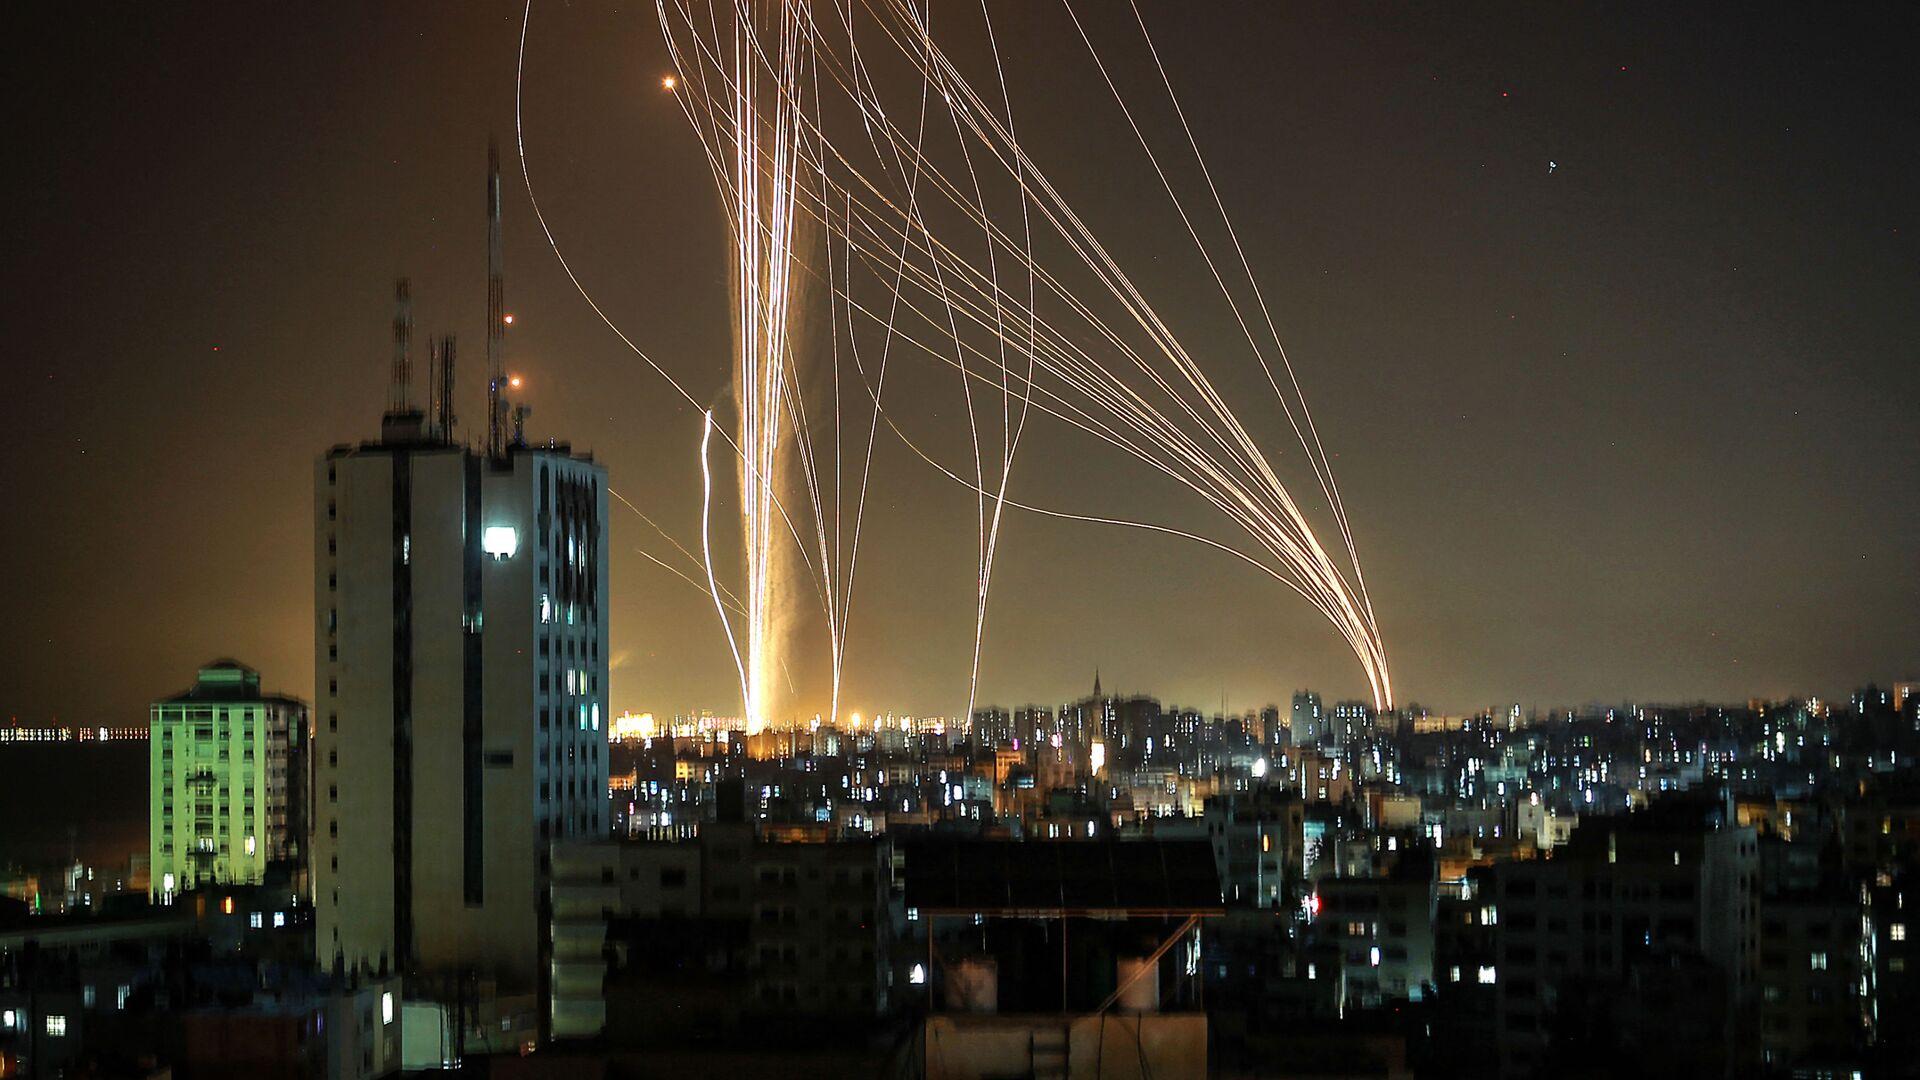 Pociski wystrzeliwane z miasta Gaza kontrolowanego przez palestyński ruch Hamas - Sputnik Polska, 1920, 26.09.2021